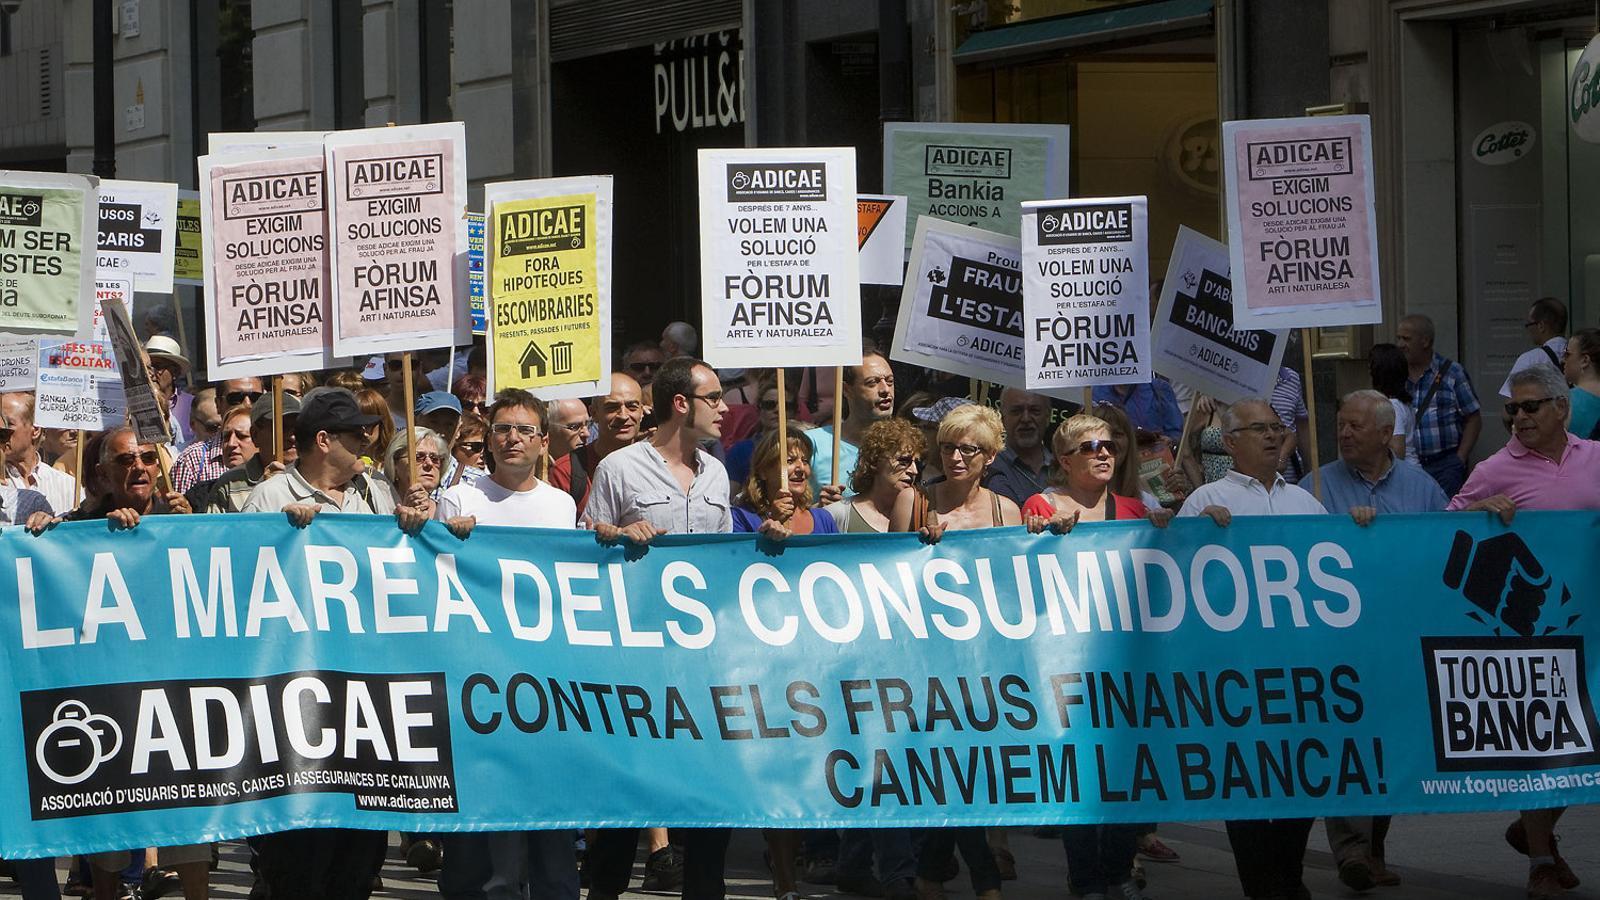 Les clàusules terra multipliquen per 14 el ritme de demandes a Barcelona